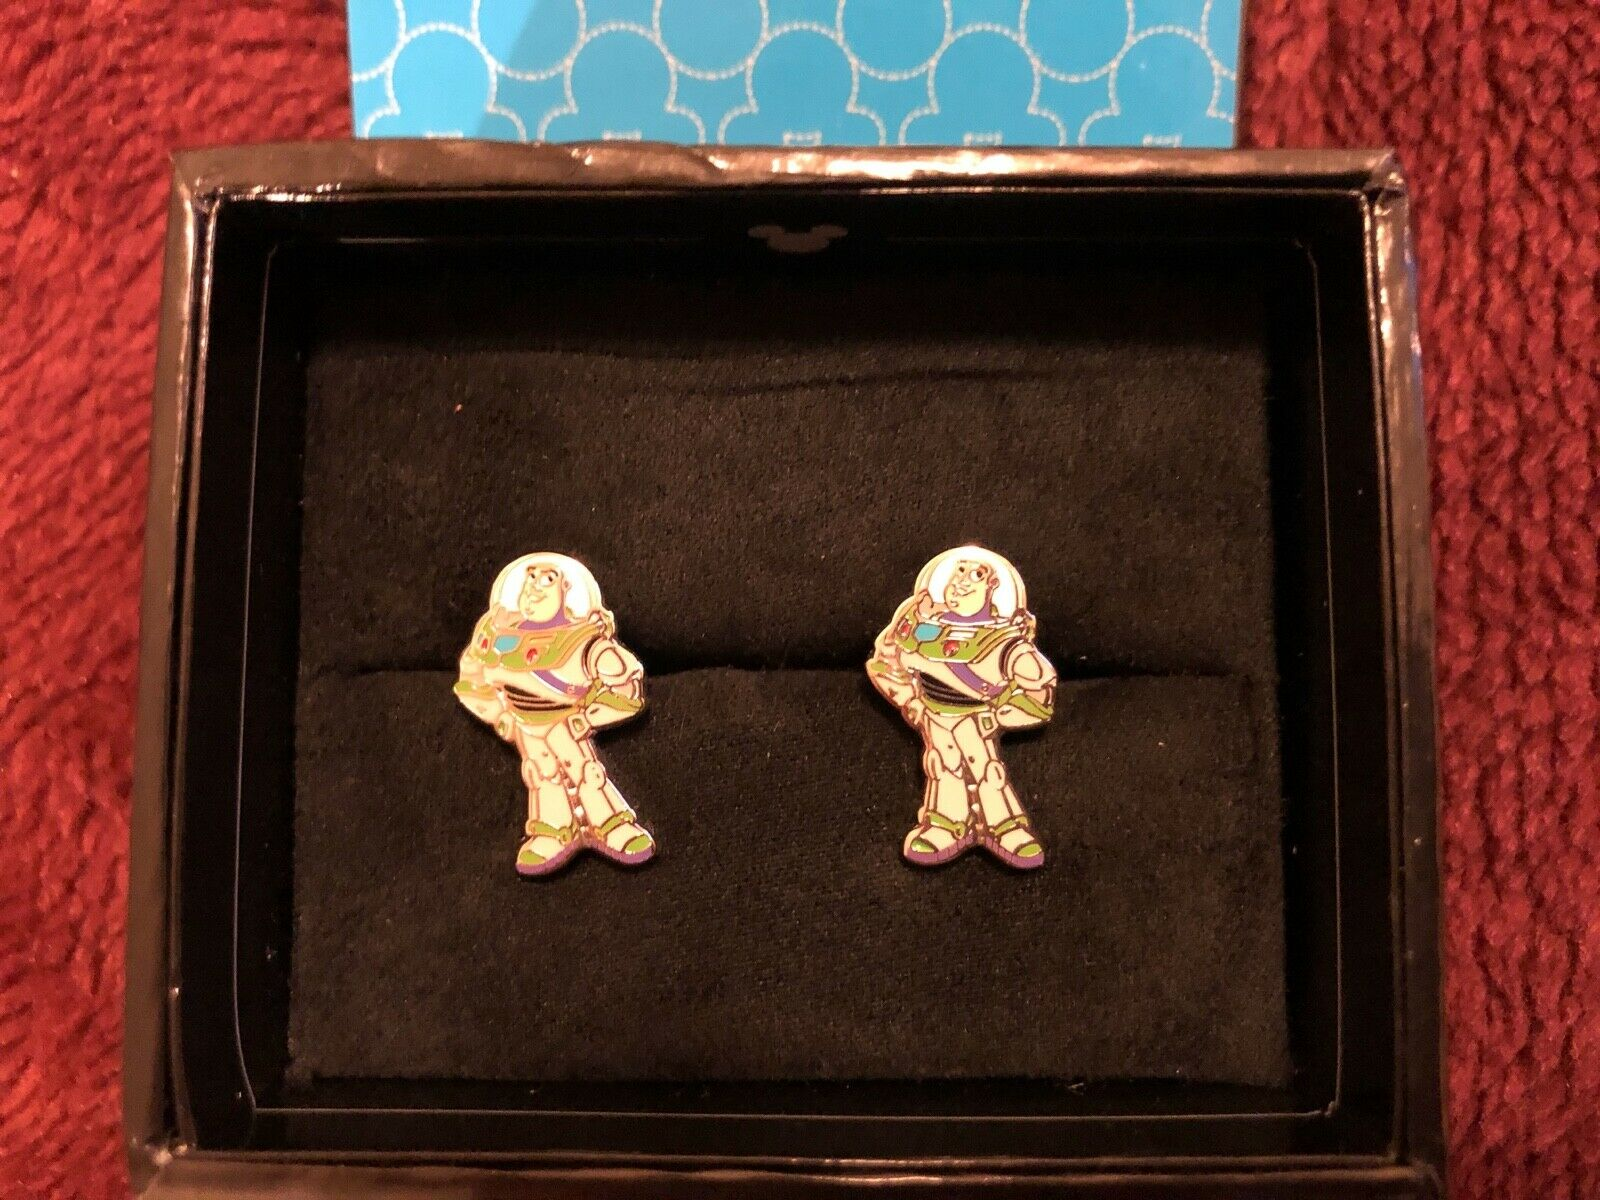 Buzz Lightyear Cufflinks Tuxedo Toy Story Fashion Woody Disney Pixar Wedding